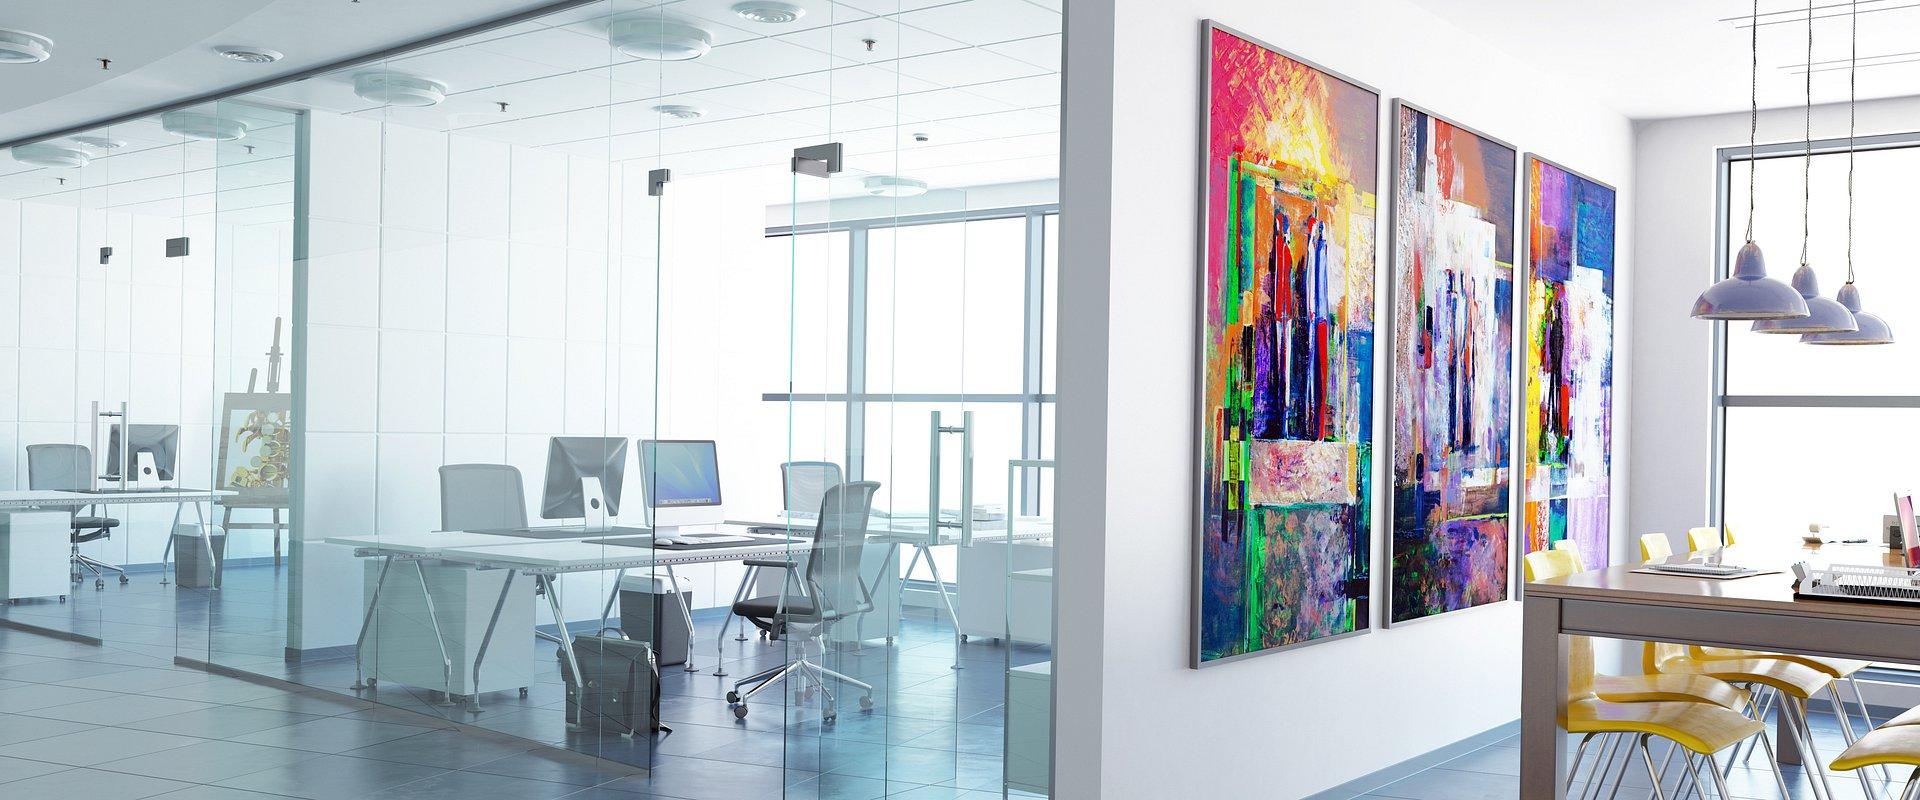 Poptávka žene nájemné v kancelářích vzhůru